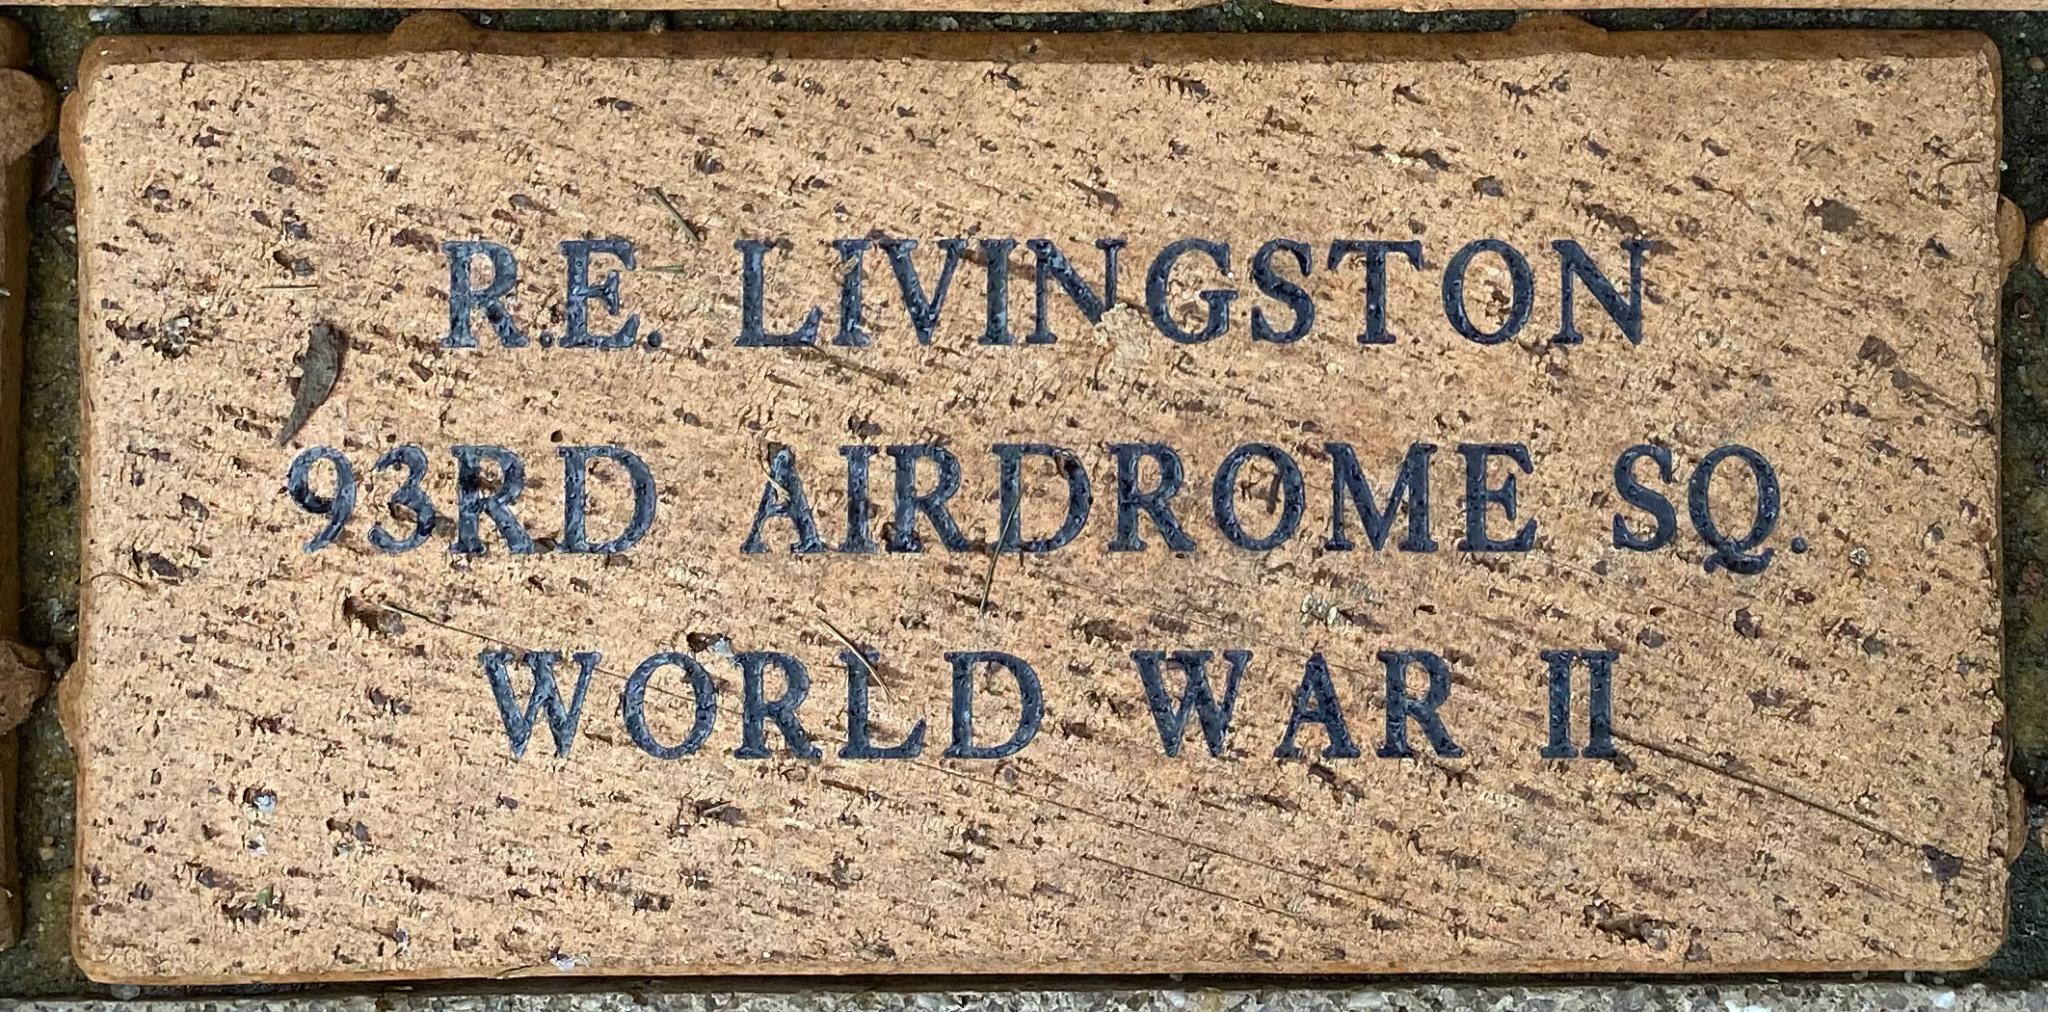 R.E. LIVINGSTON 93RD AIRDROME SQ WORLD WAR II